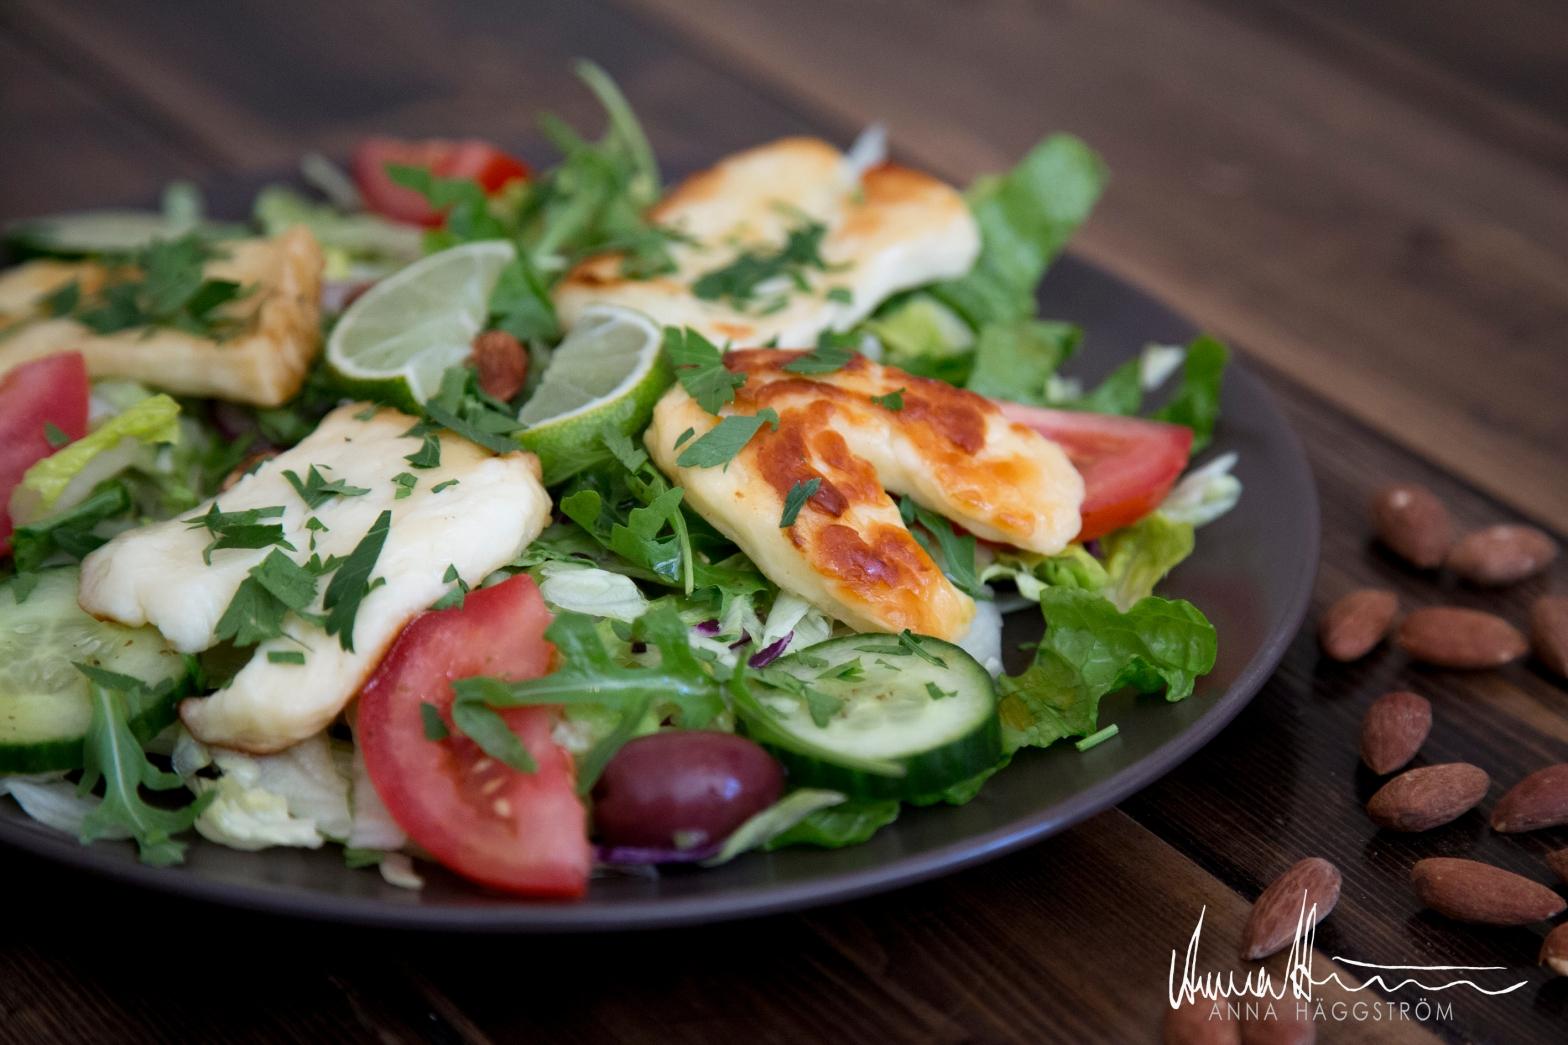 Smaskig halloumi sallad på grekiska lunch restaurangen Farbror Nikos på Södermalm